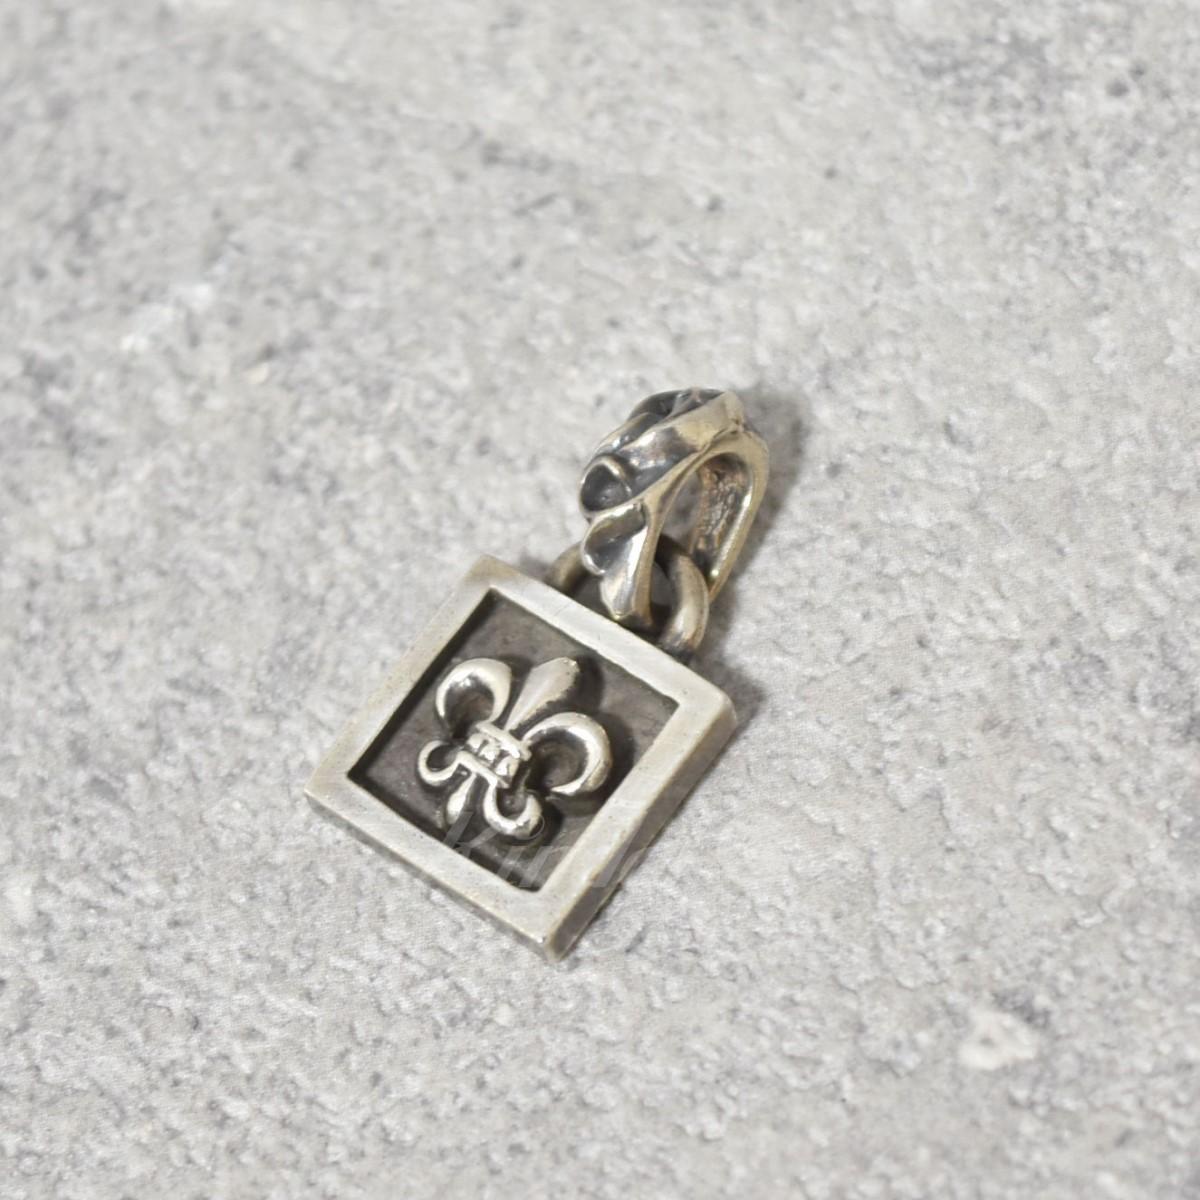 【中古】CHROME HEARTS framed BS fleur charm BSフレアチャーム ペンダントトップ 【送料無料】 【097629】 【KIND1550】